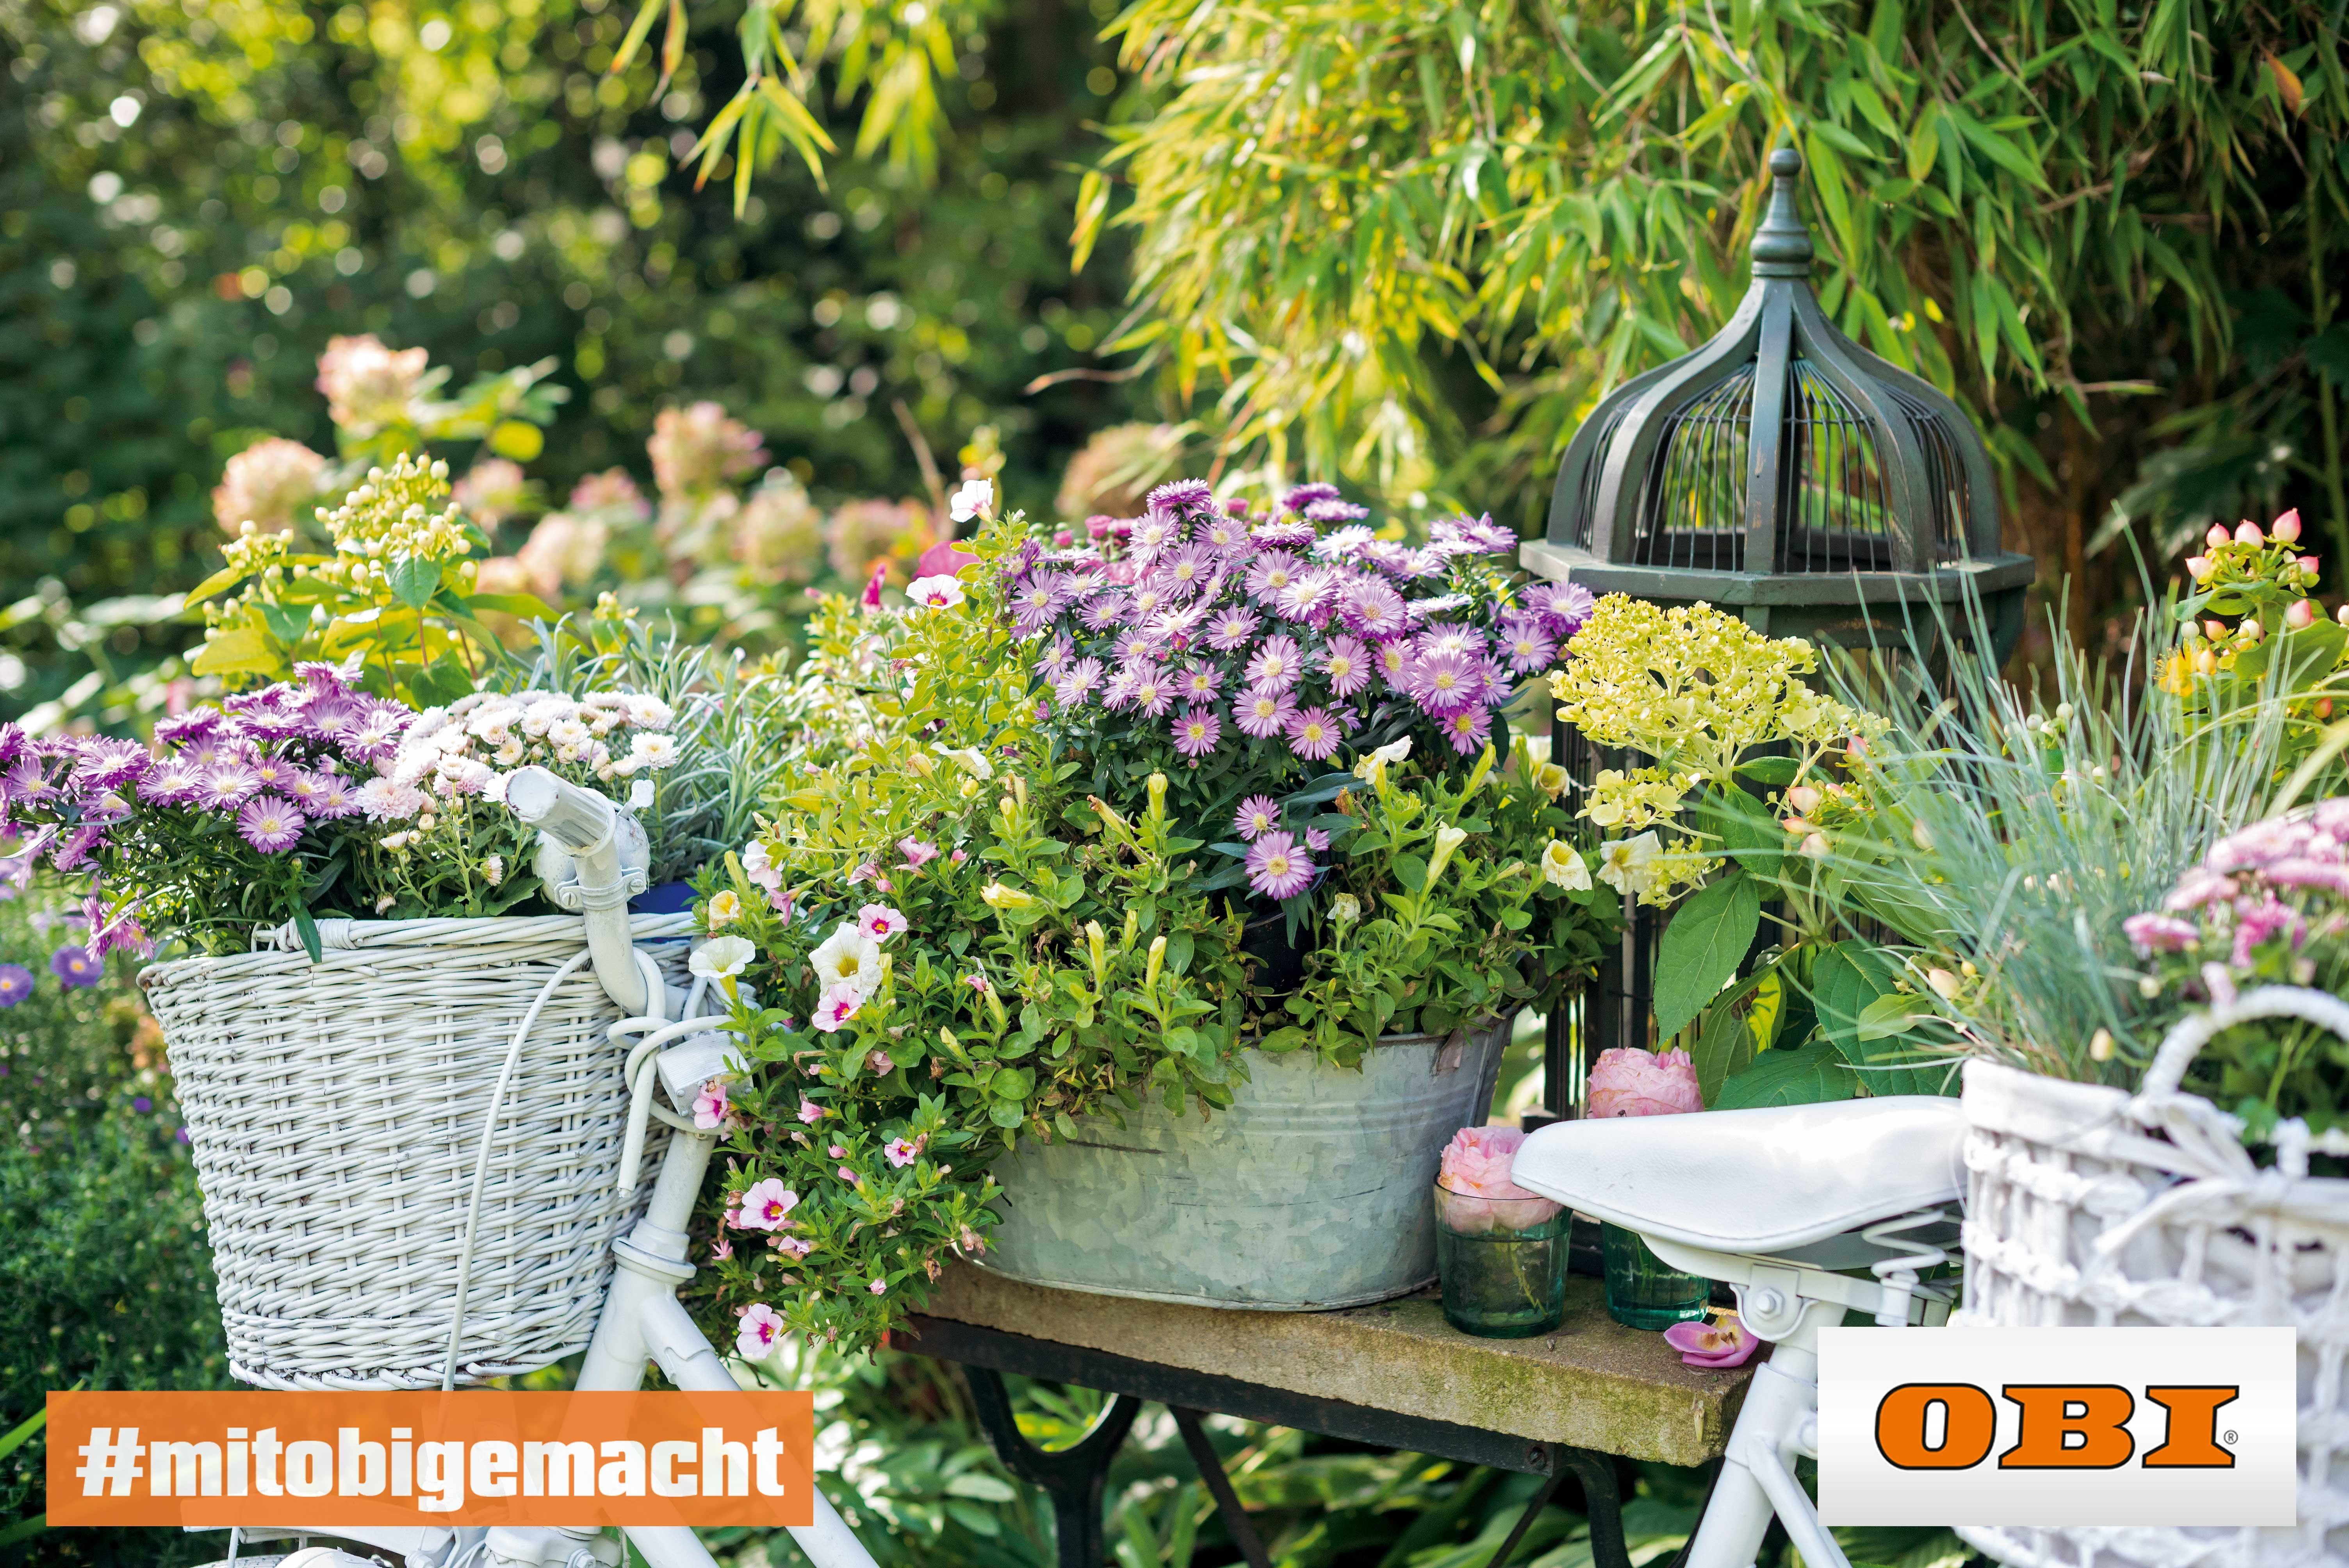 Mach Jetzt Deinen Garten Fruhlings Fit Mit Wunderschonen Blumen Von Obi Garten Blumen Obi Fruhling Mitobigem Pflanzen Pflanzen Kaufen Wunderschone Blumen